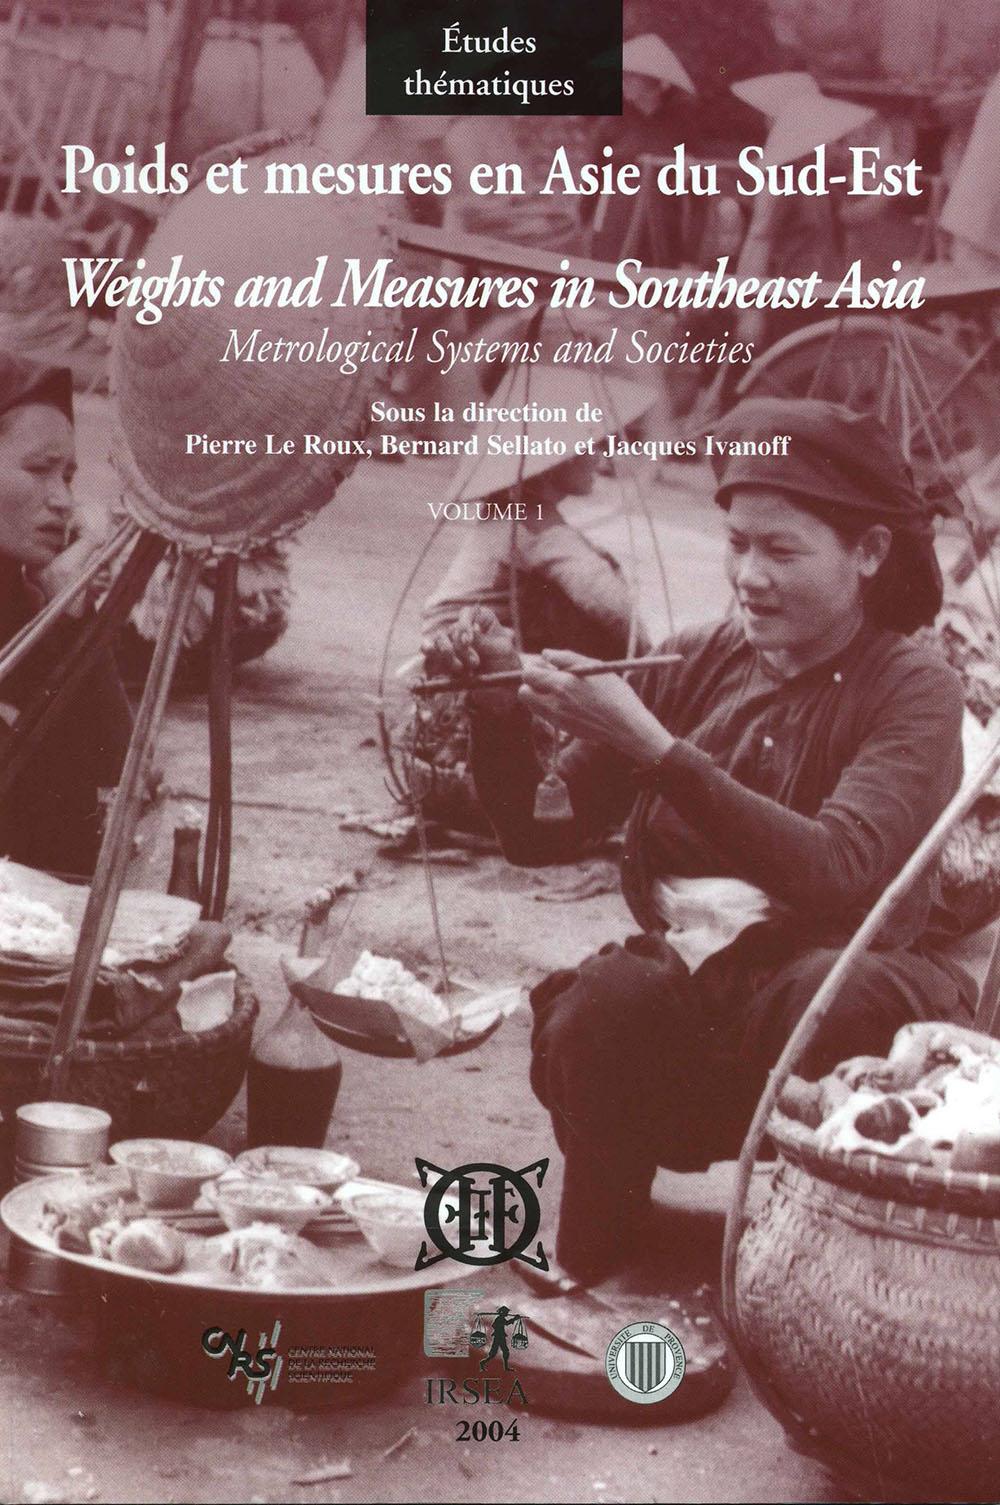 Poids et mesures en Asie du Sud-Est, vol. 1